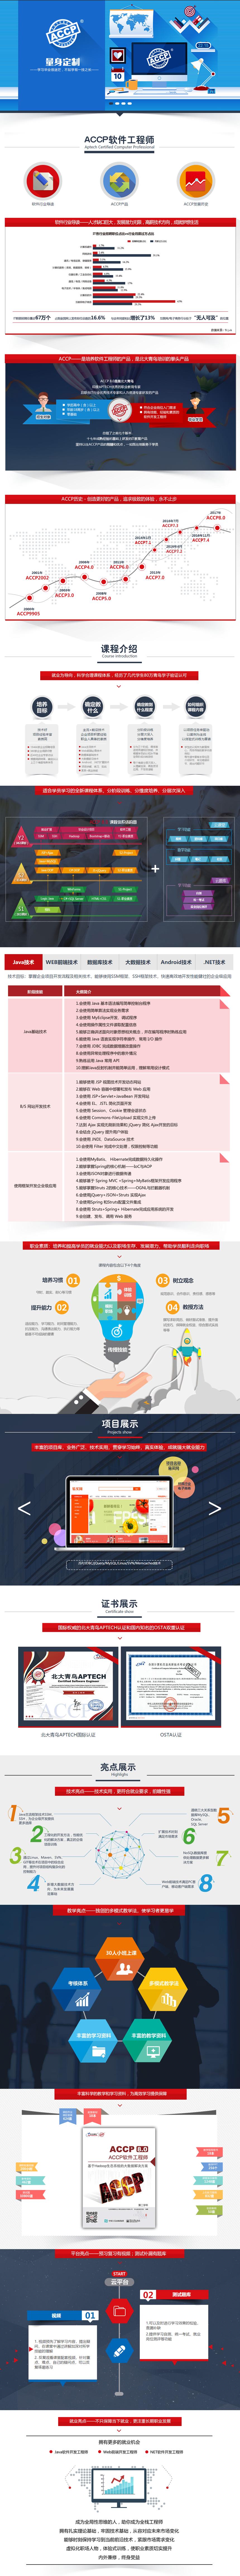 北大青鸟ACCP软件工程师课程.png